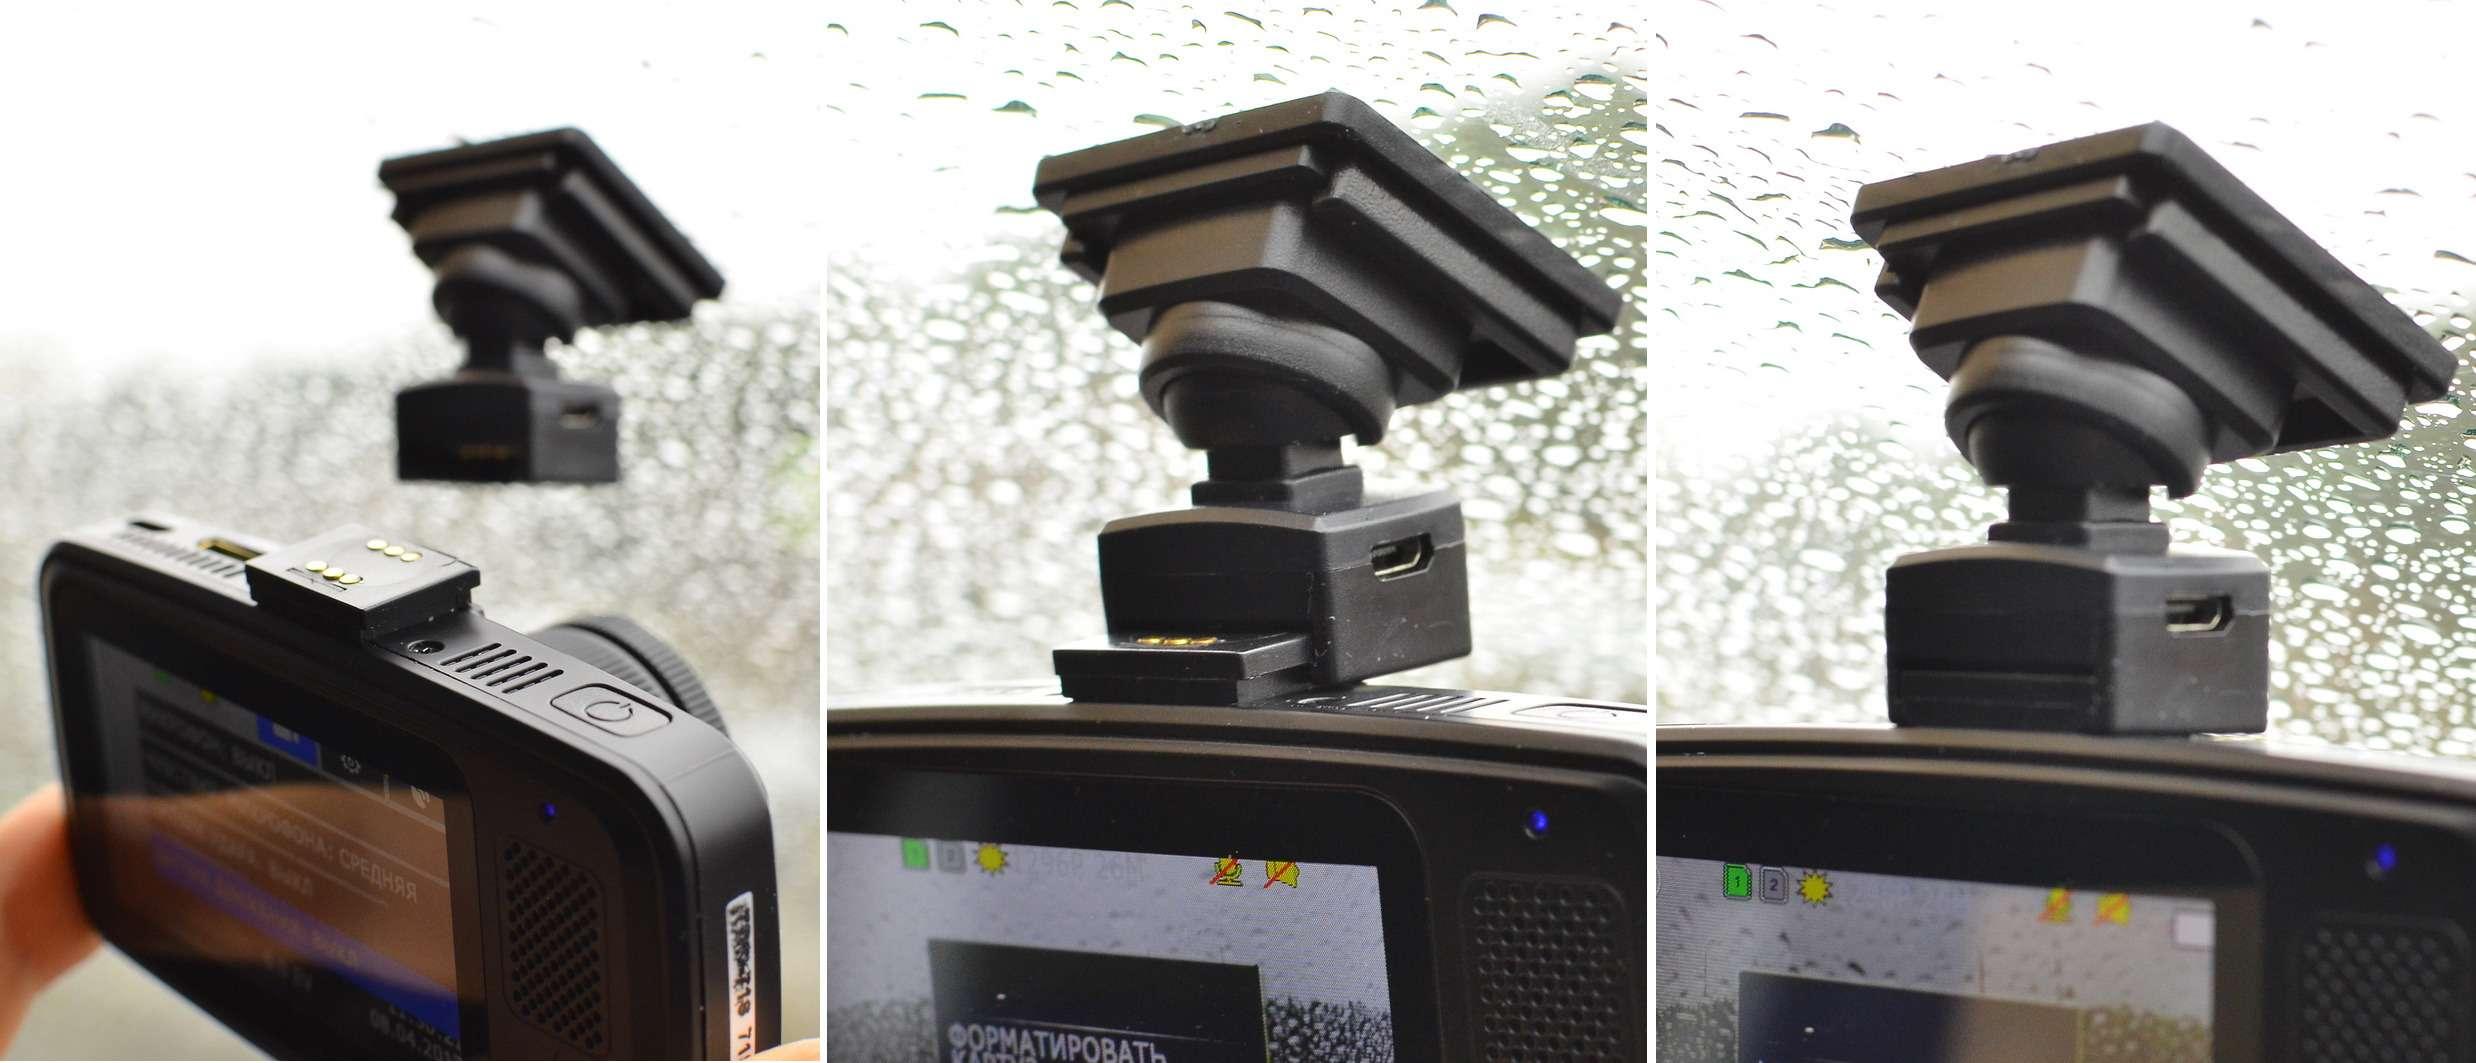 Супертест ЗР— дорогущие видеорегистраторы иудалой бюджетник— фото 773865